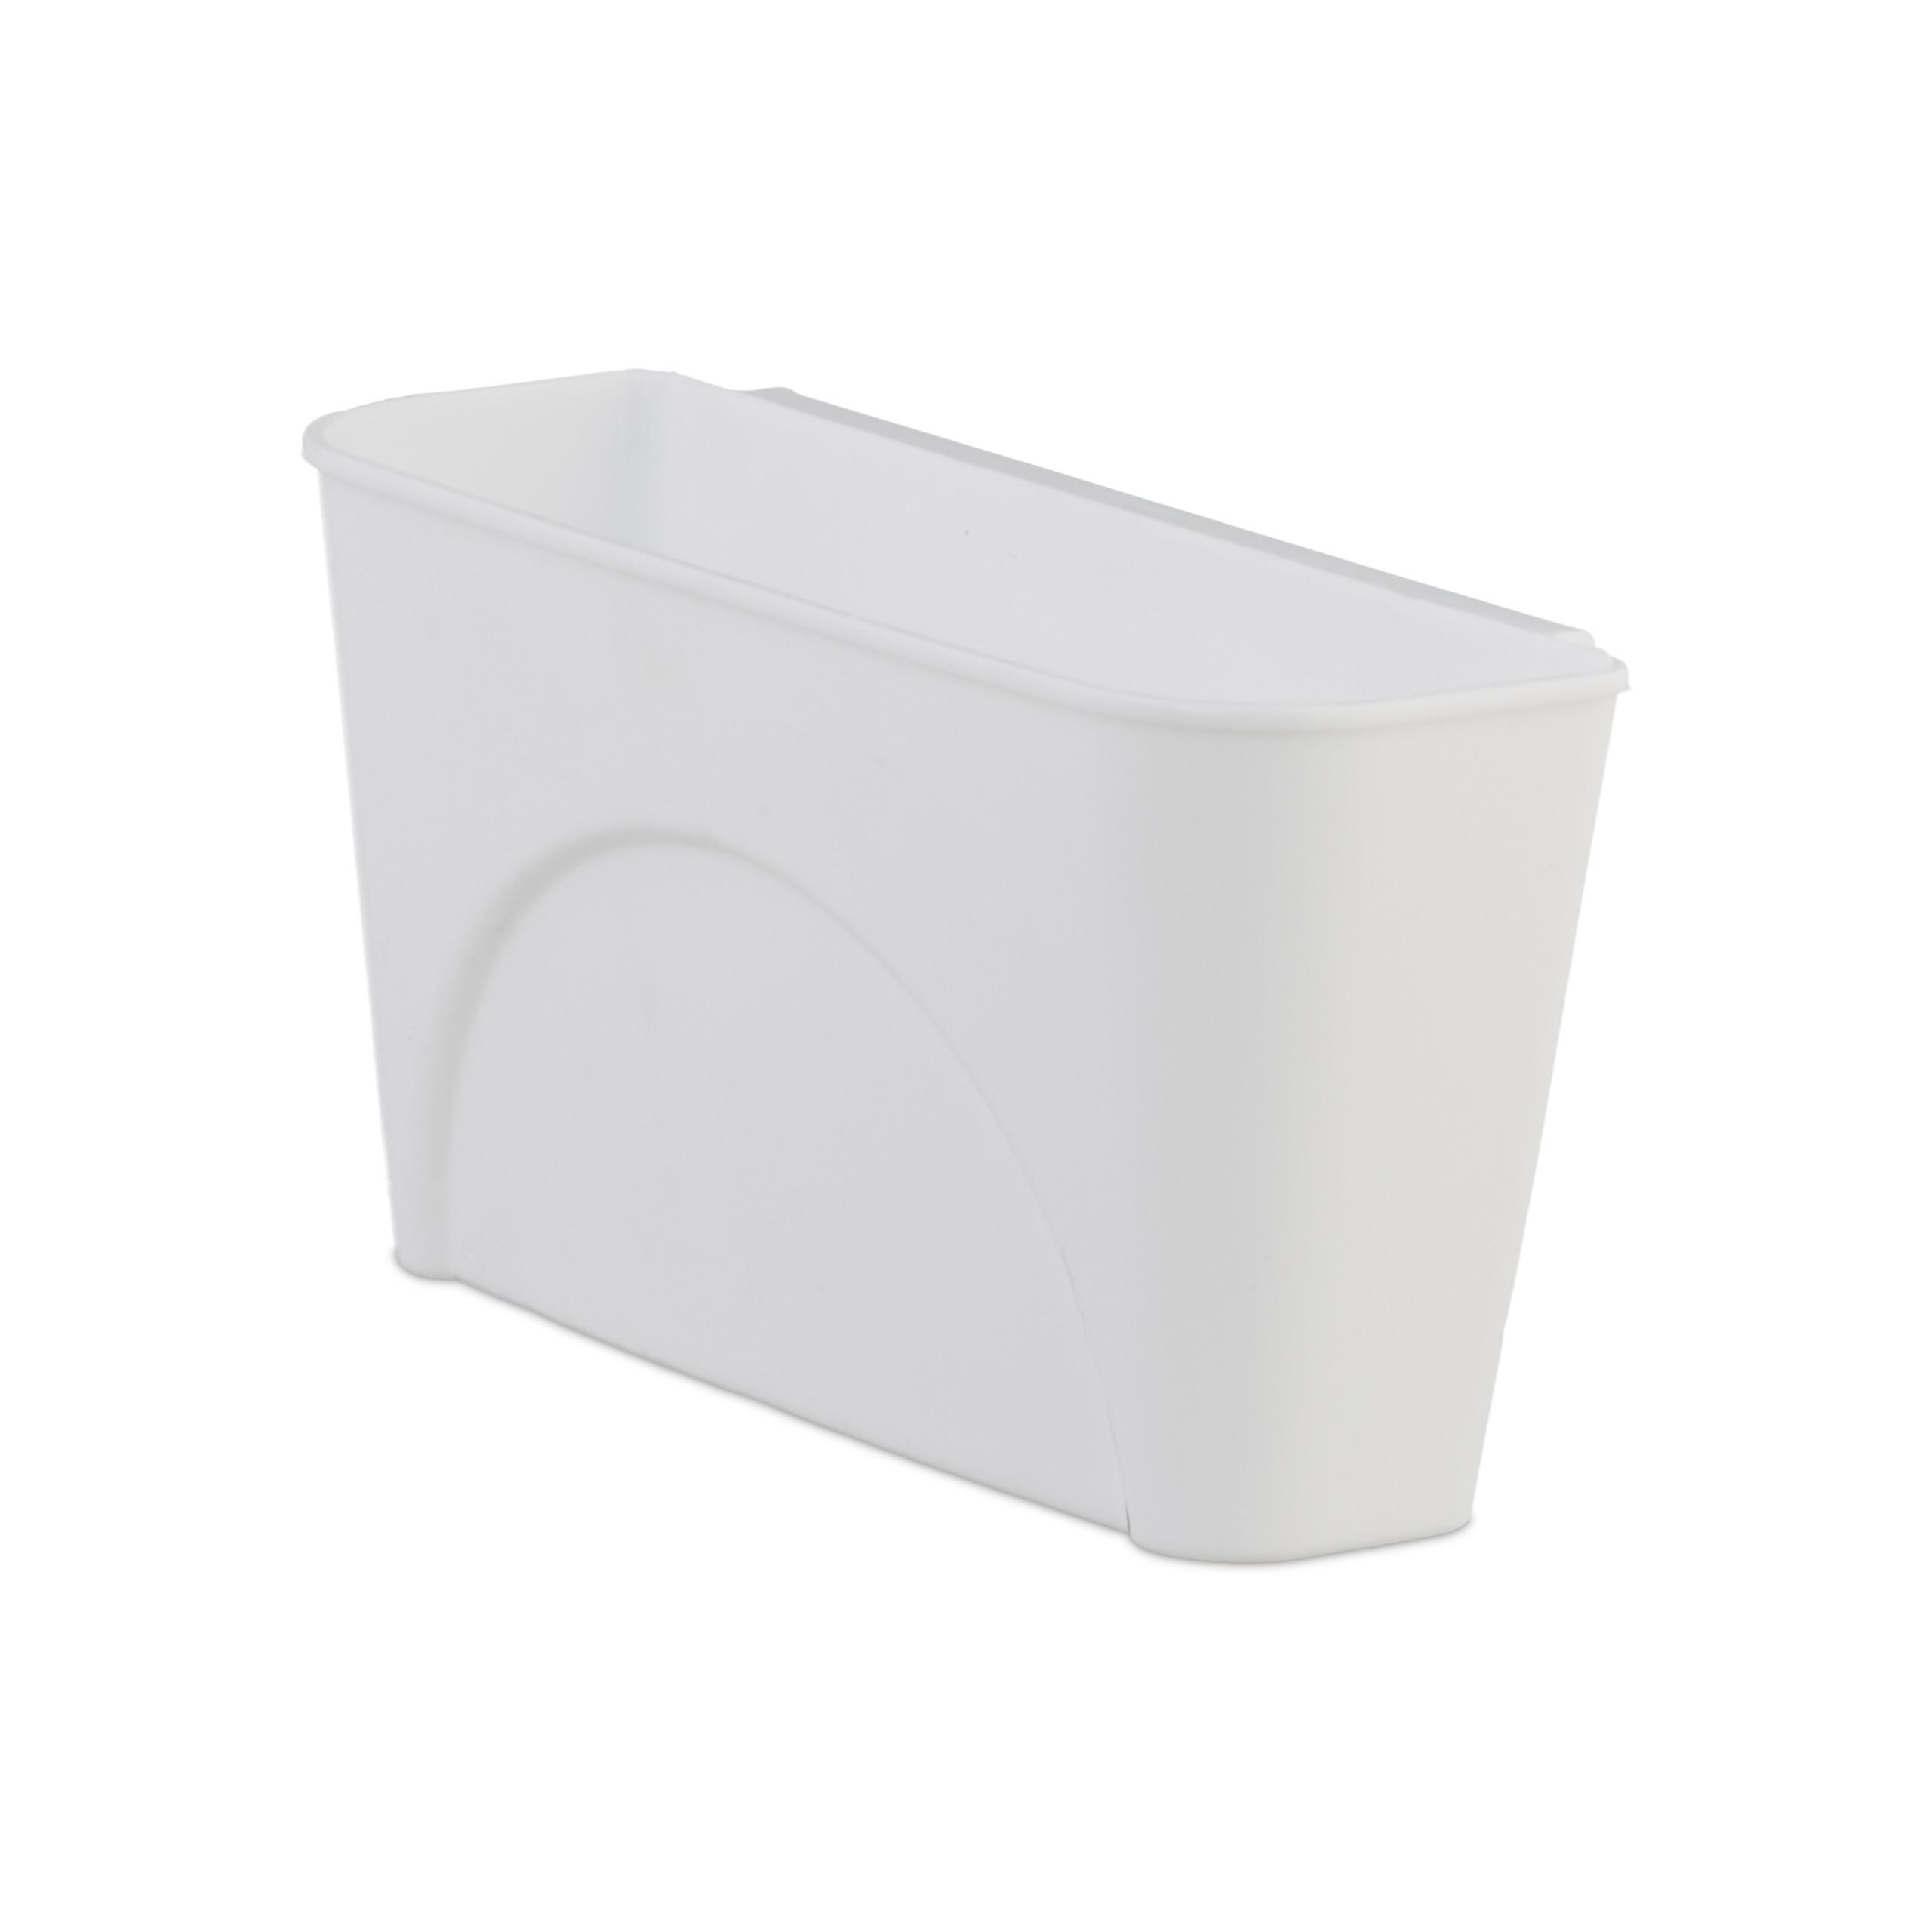 Abtropfgestell Abtropfschale Abwasch Geschirrständer Geschirrhalter Besteckkorb